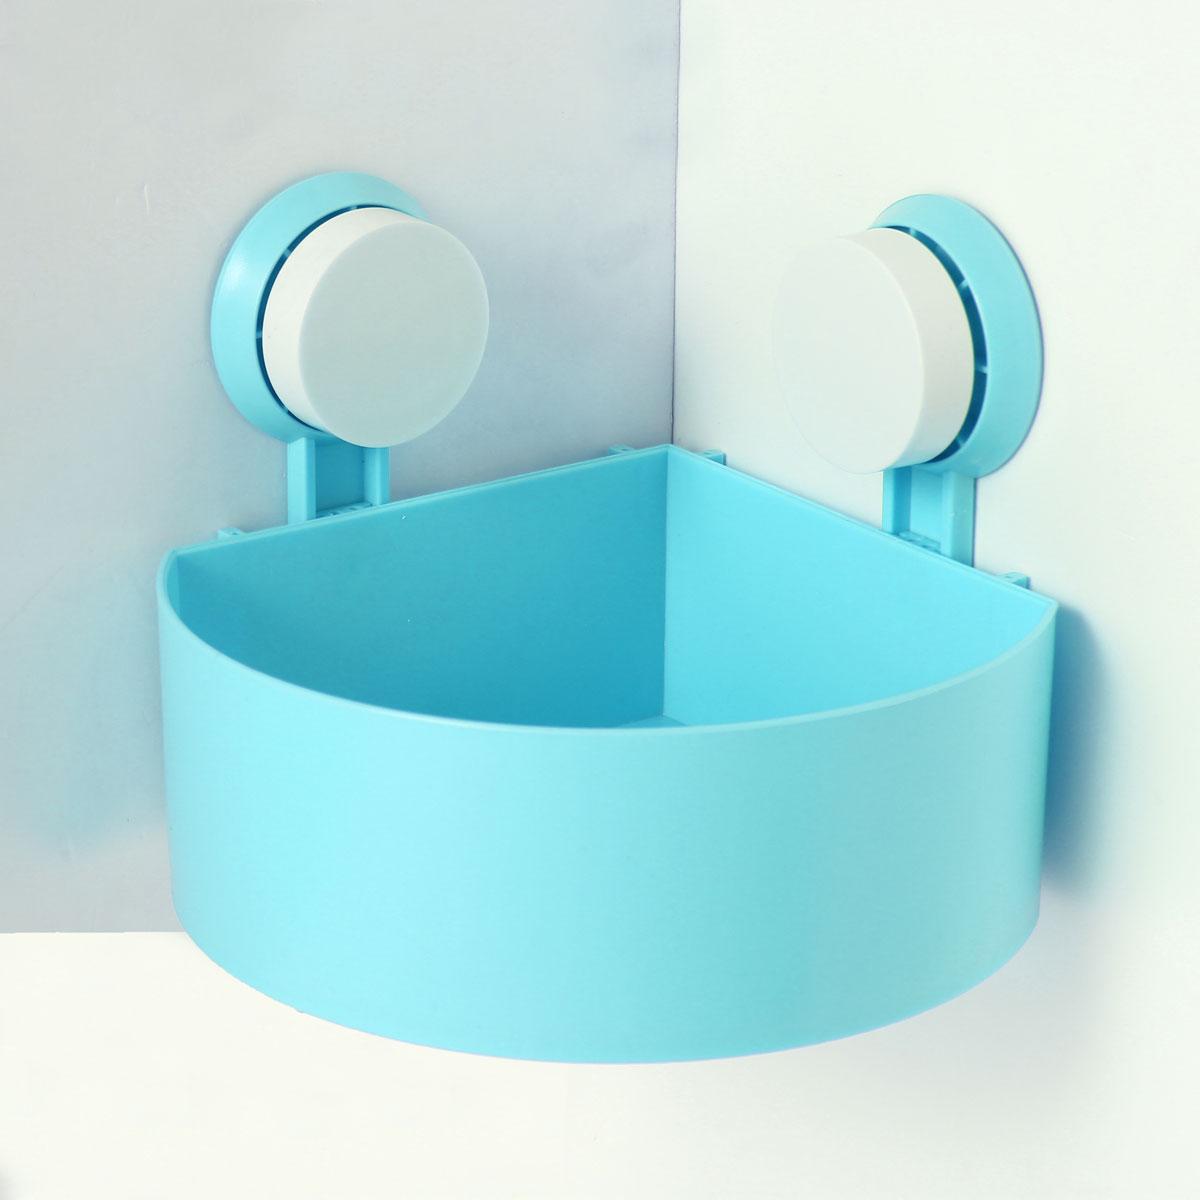 badezimmer bad k chen aufbewahrung organizer duschkorb. Black Bedroom Furniture Sets. Home Design Ideas